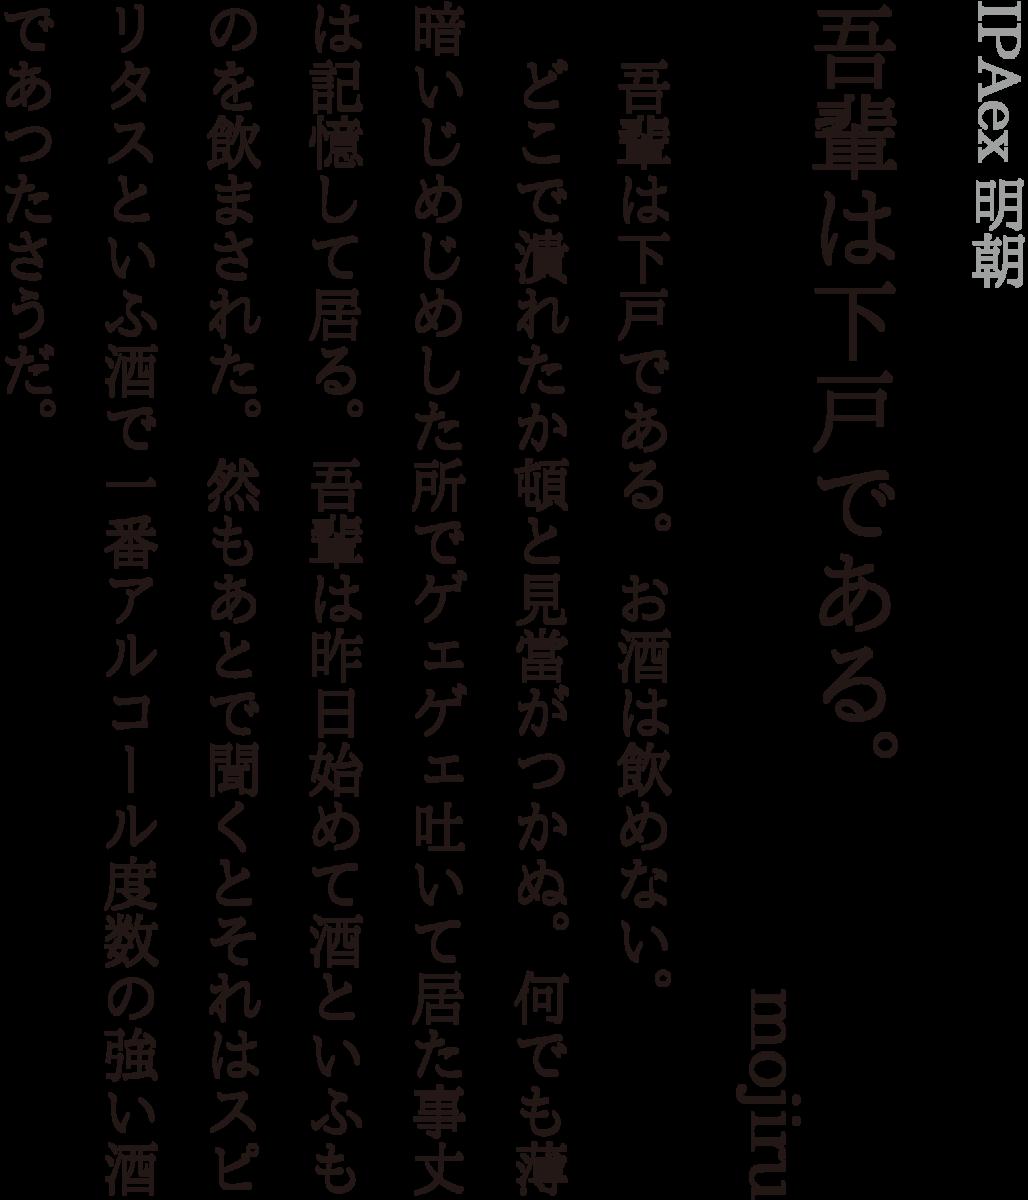 f:id:mojiru:20190516095221p:plain